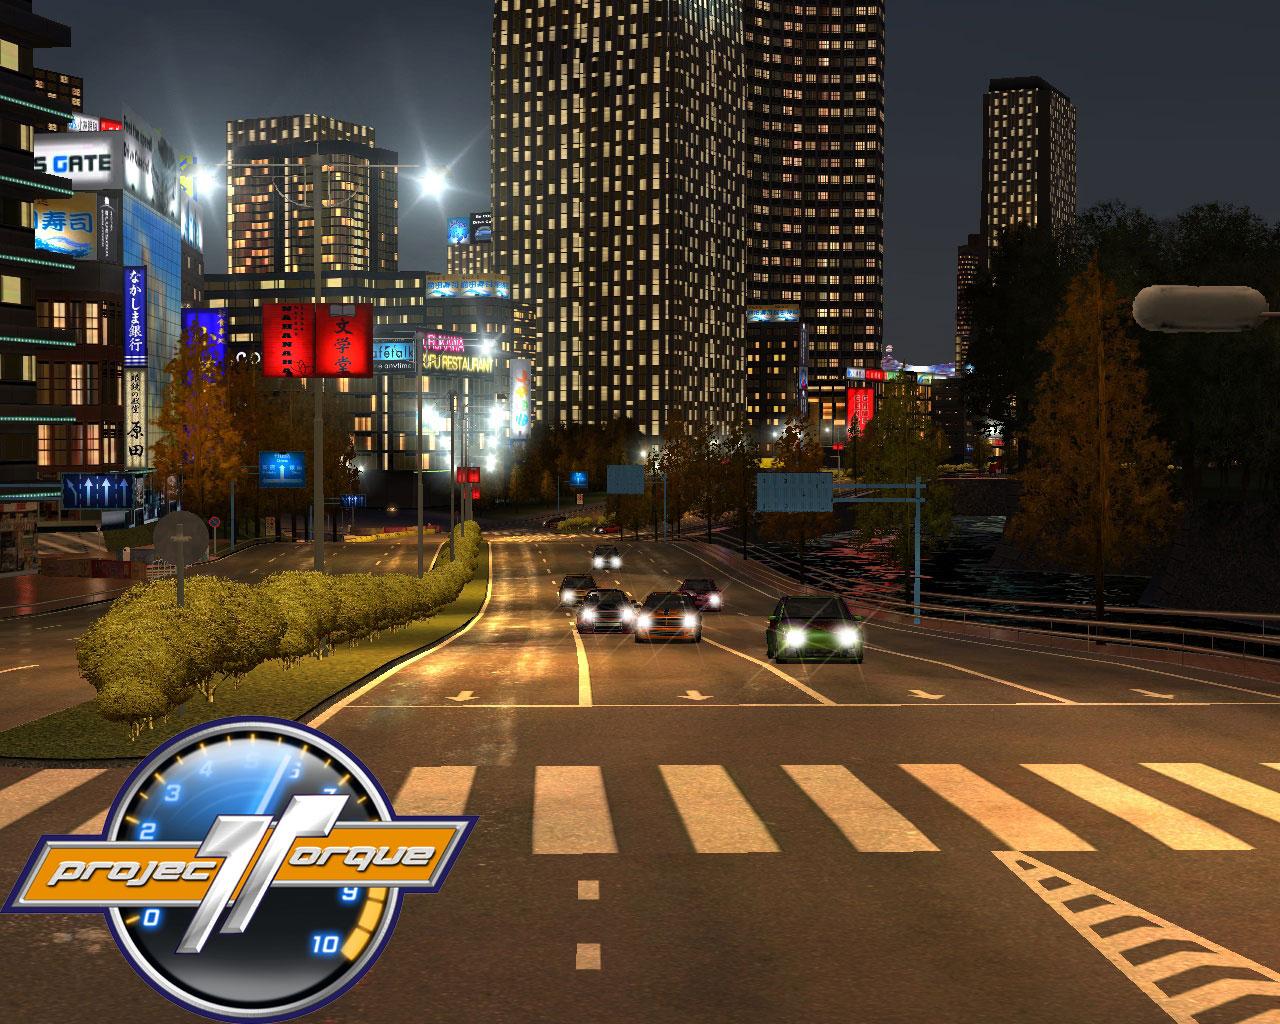 Omurtlak6 3d Racing Games Online